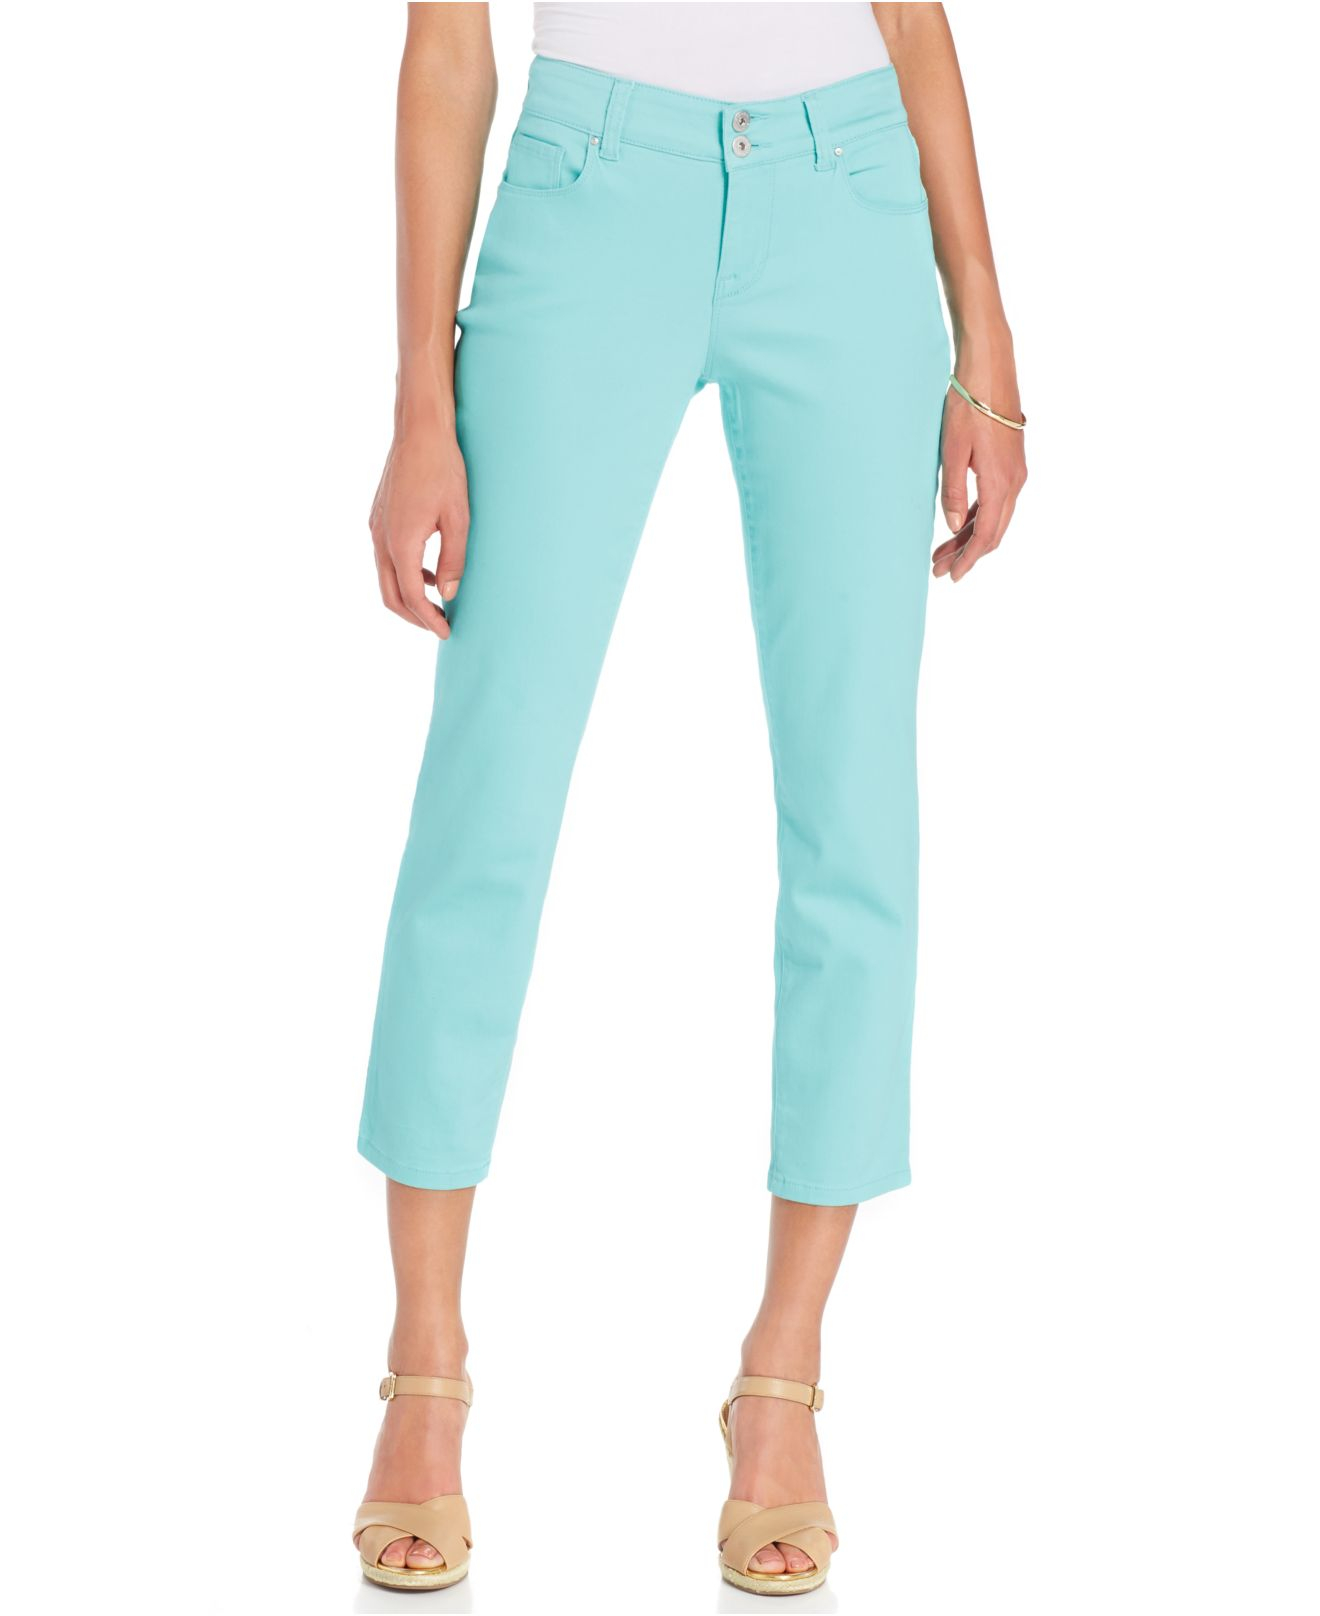 Curvy Fit Capri Pants - Pant Row